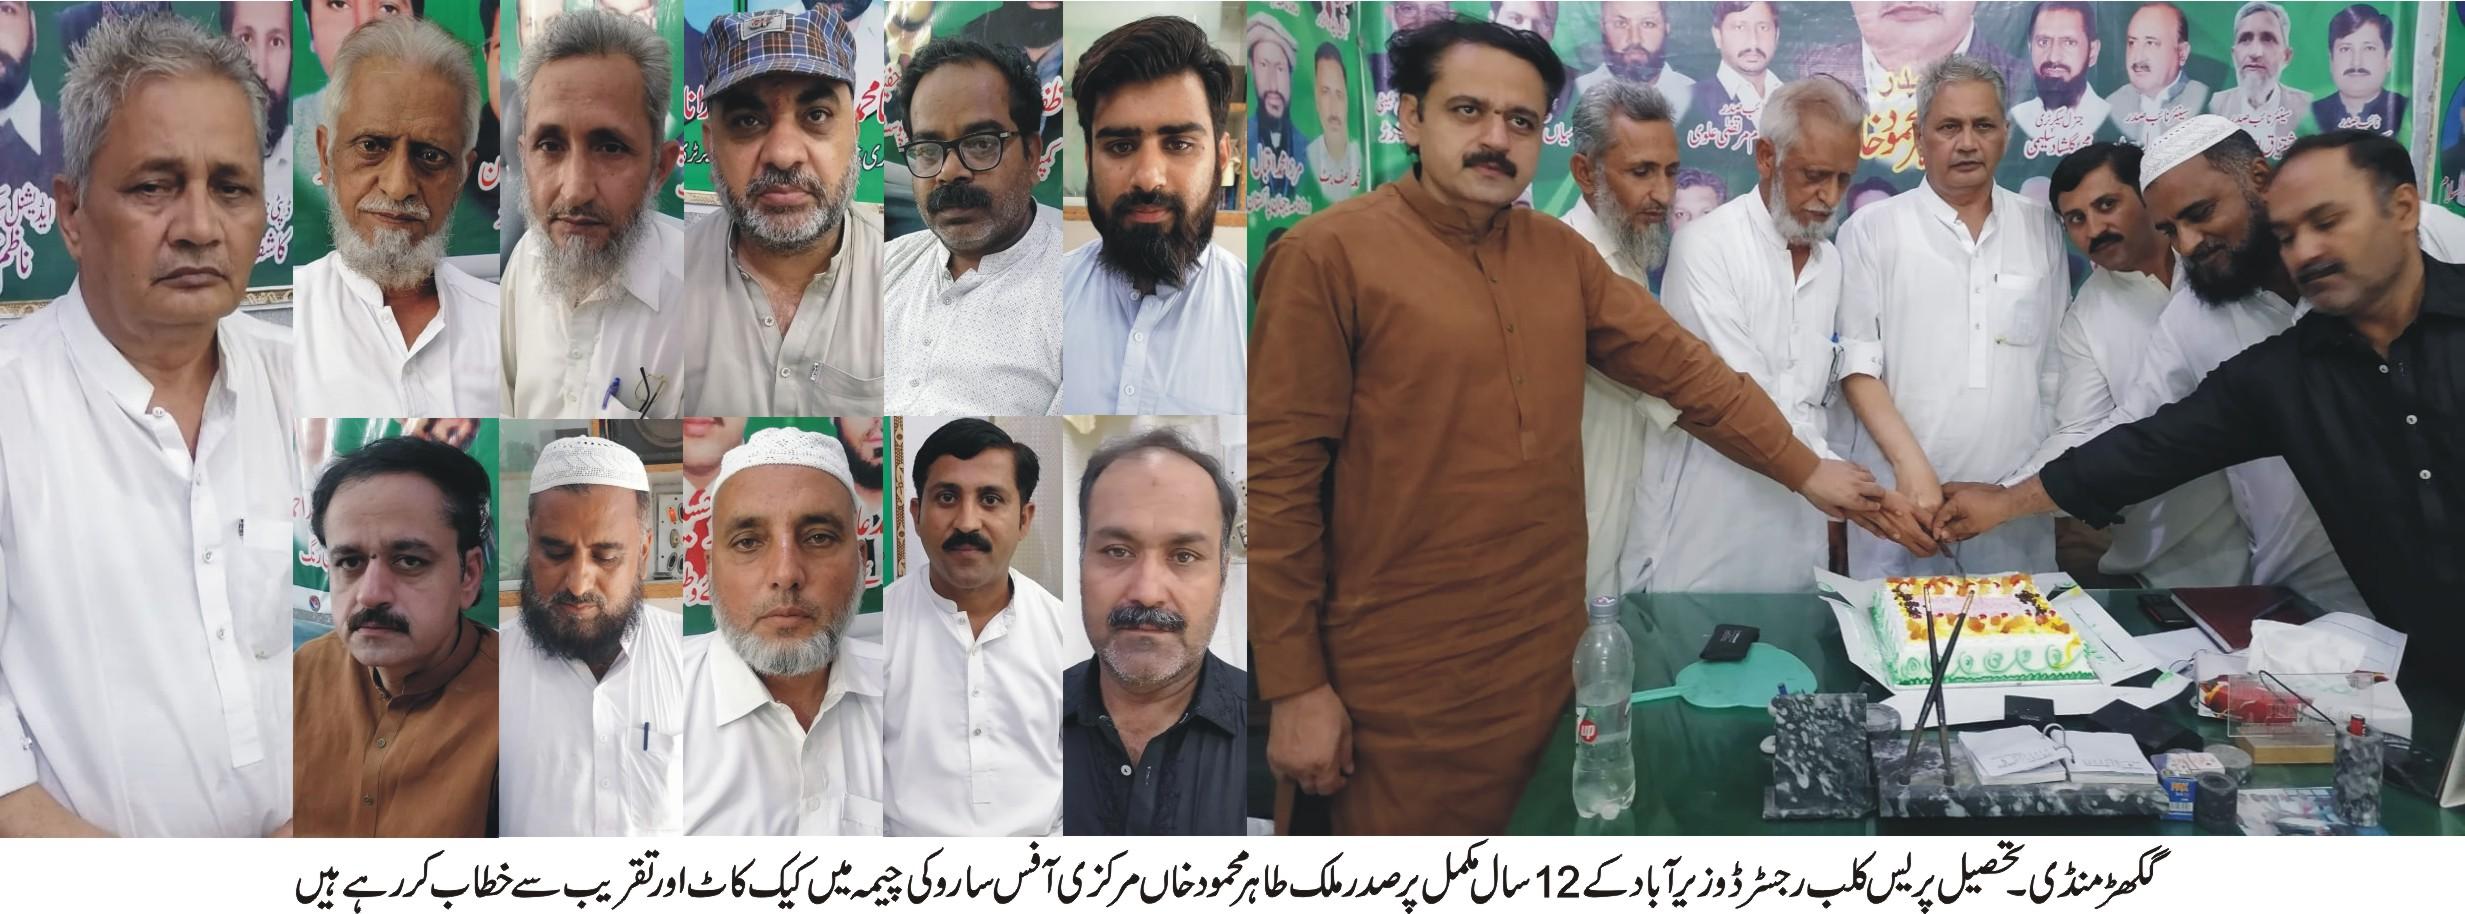 تحصیل پریس کلب رجسٹرڈ وزیر آباد کے 12سال مکمل صدر ملک طاہر محمود خاں کی تمام عہدیداران و ممبران کو مبارکباد